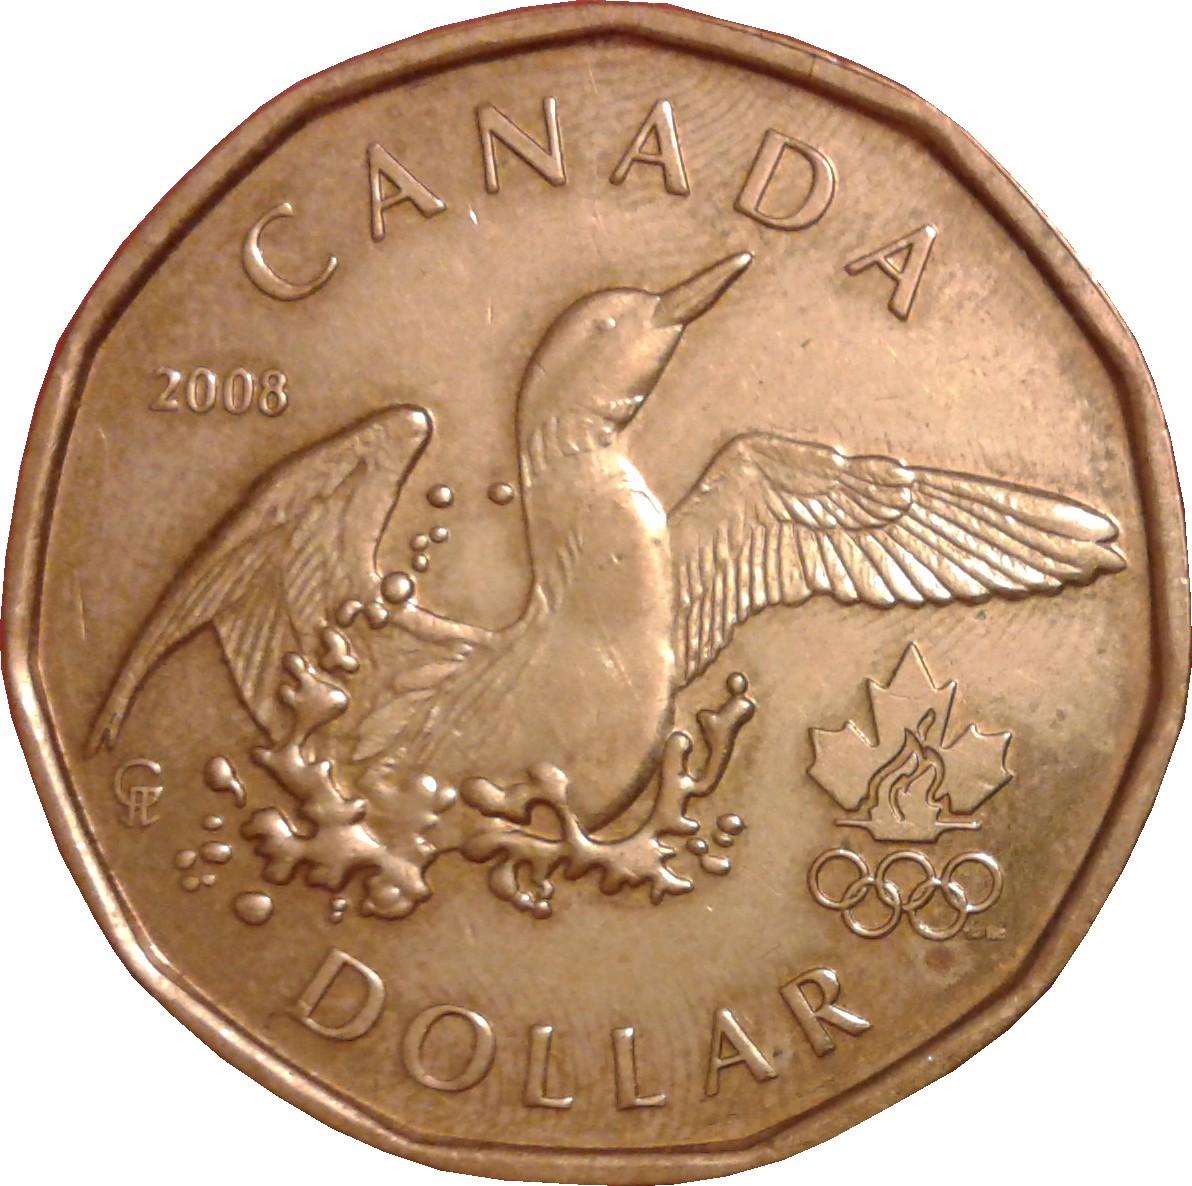 Доллар 2008 стоимость монеты гагарин 2 рубля 2001 года